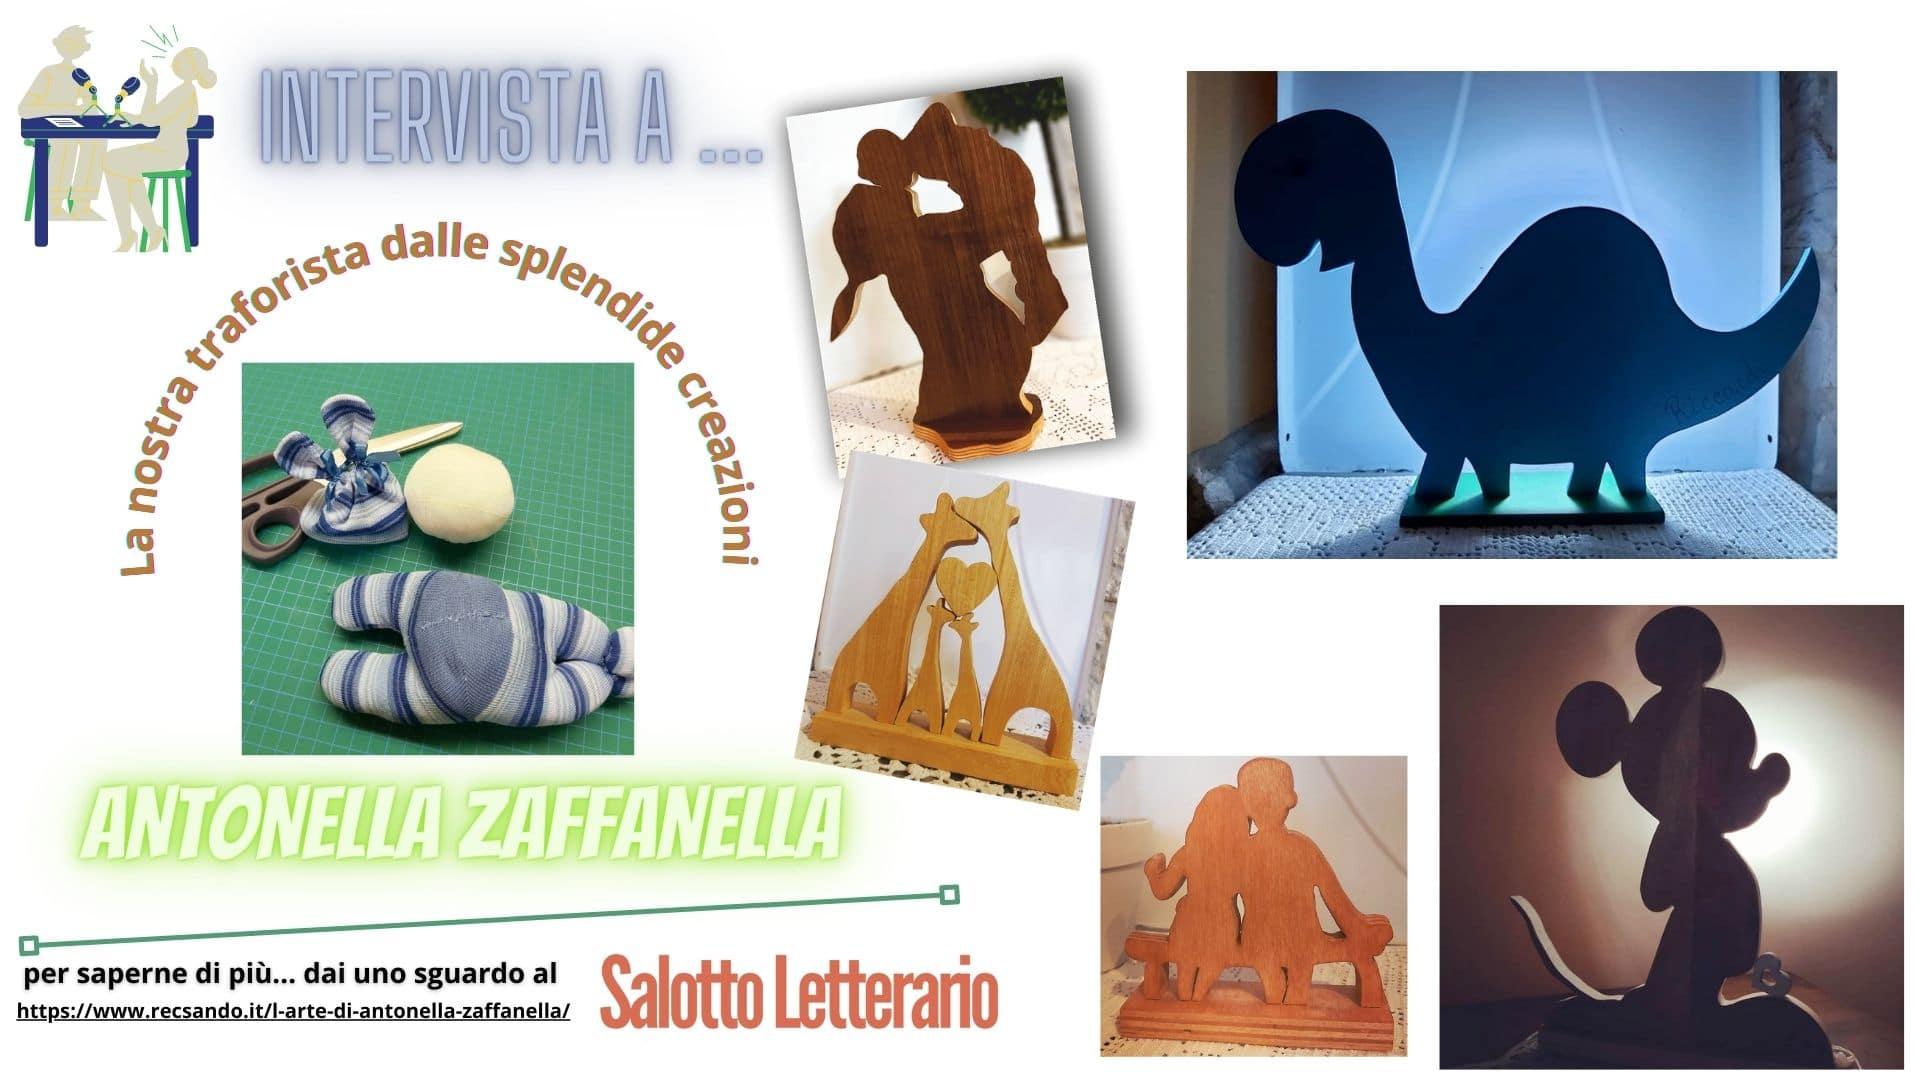 antonella_zaffanella_intervista